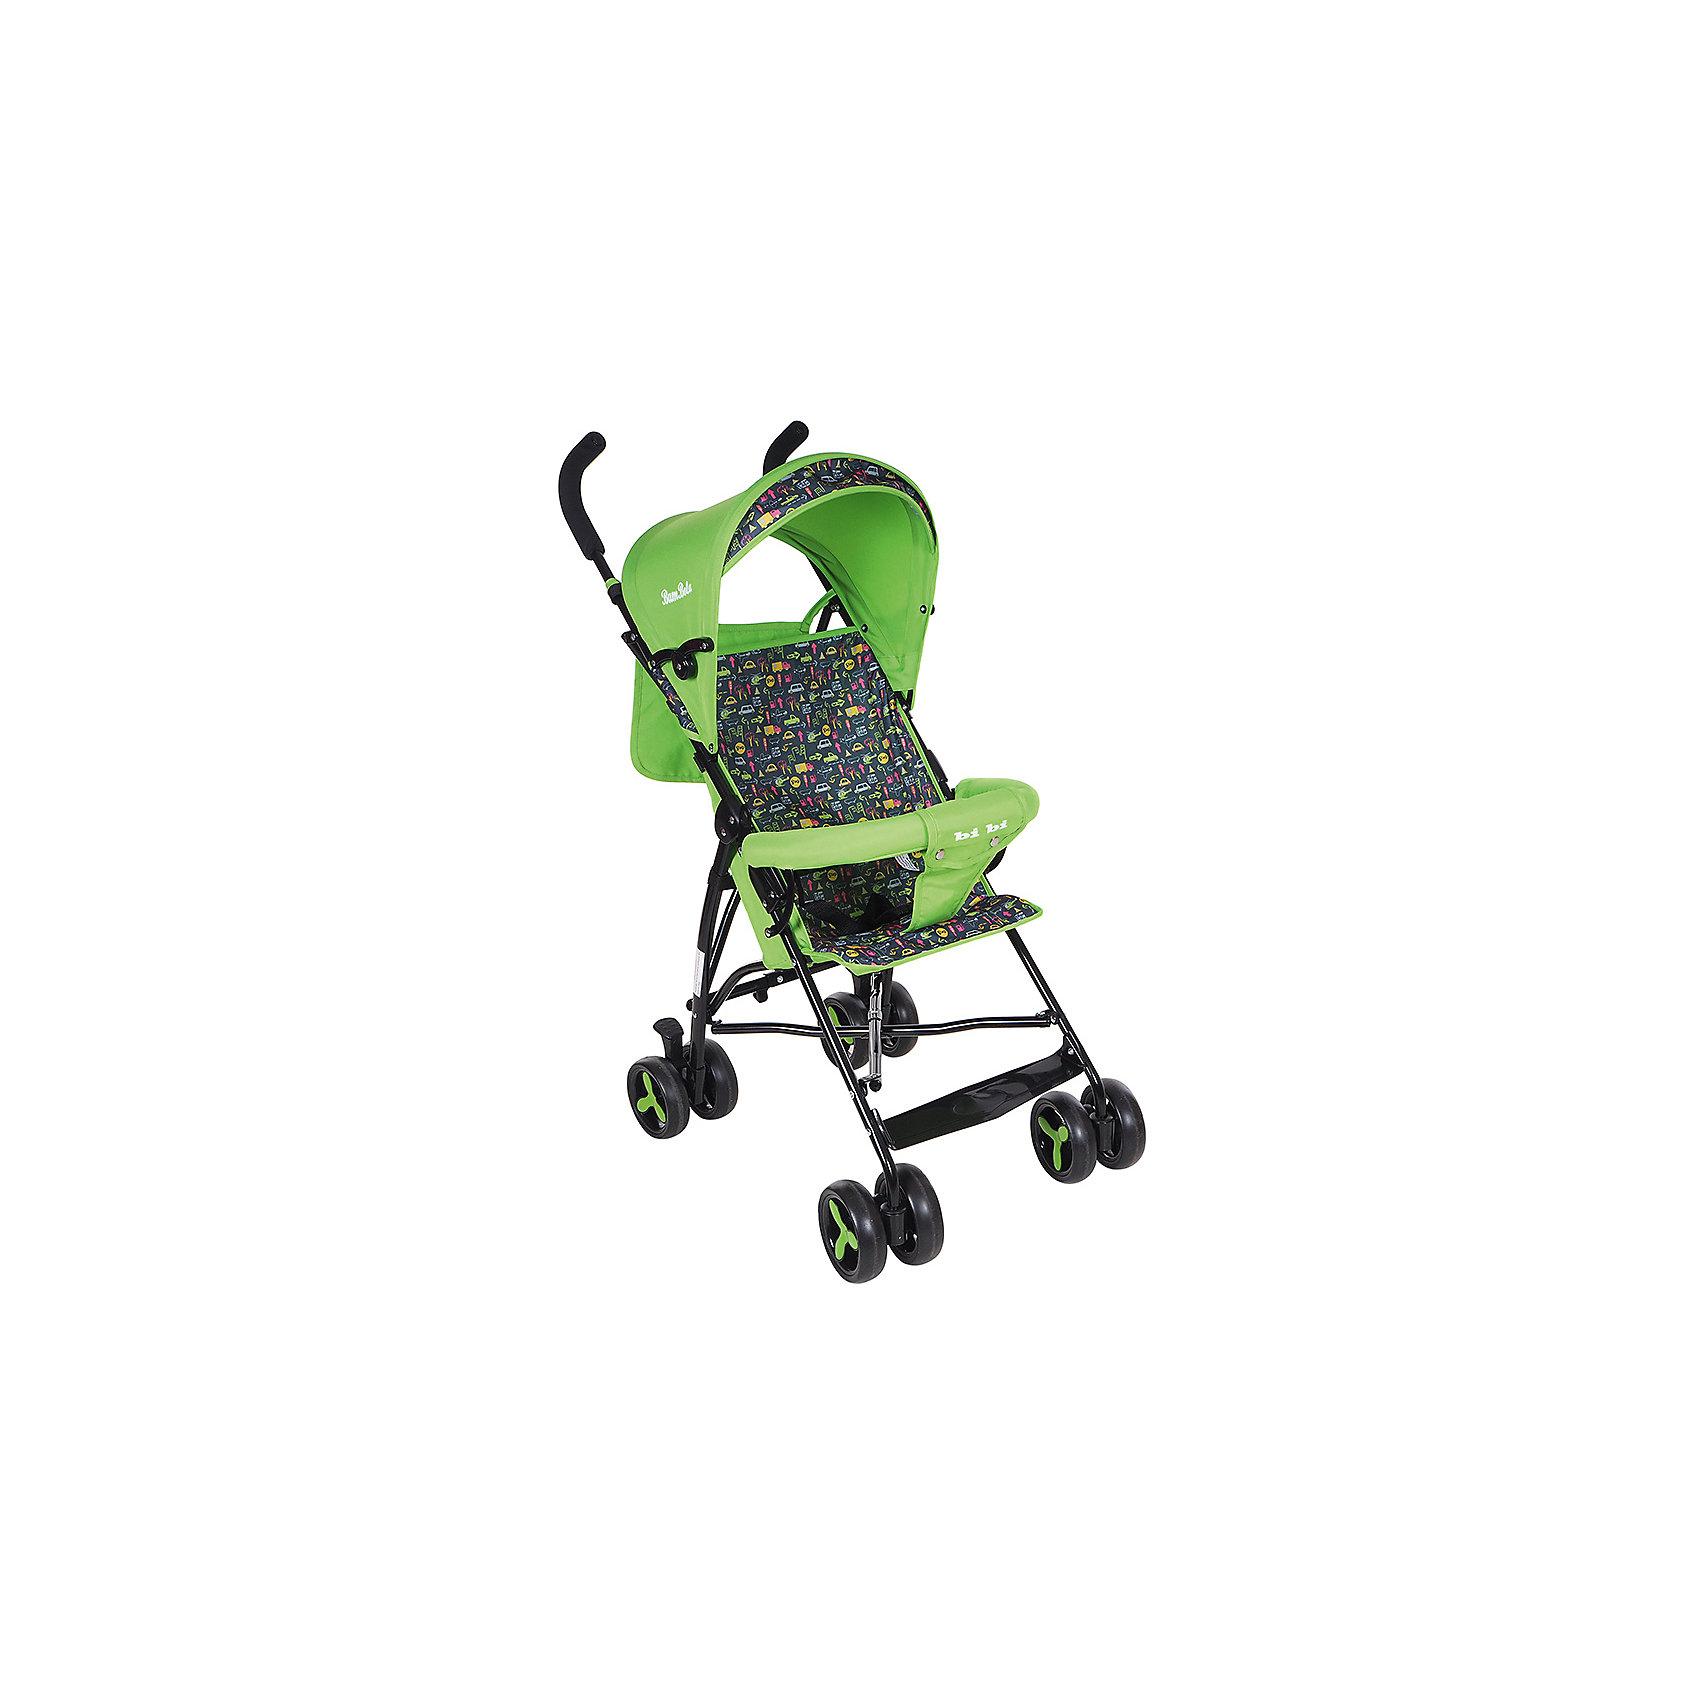 Коляска-трость Bambola BI-BI, зеленый